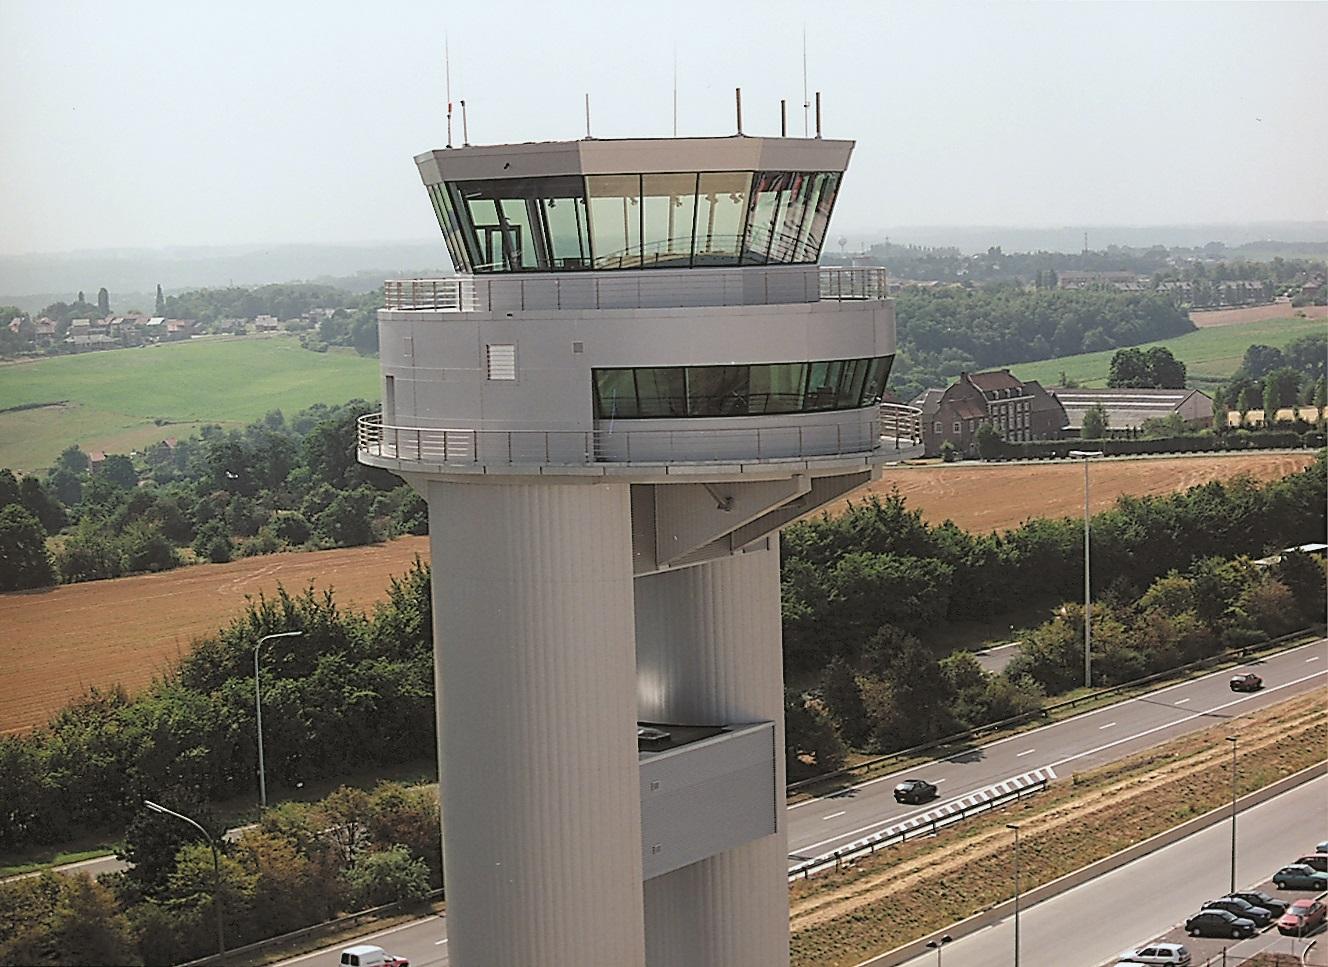 Tour de contr le li ge airport pierre berger bureau d 39 tudes s a - Bureau controle batiment ...